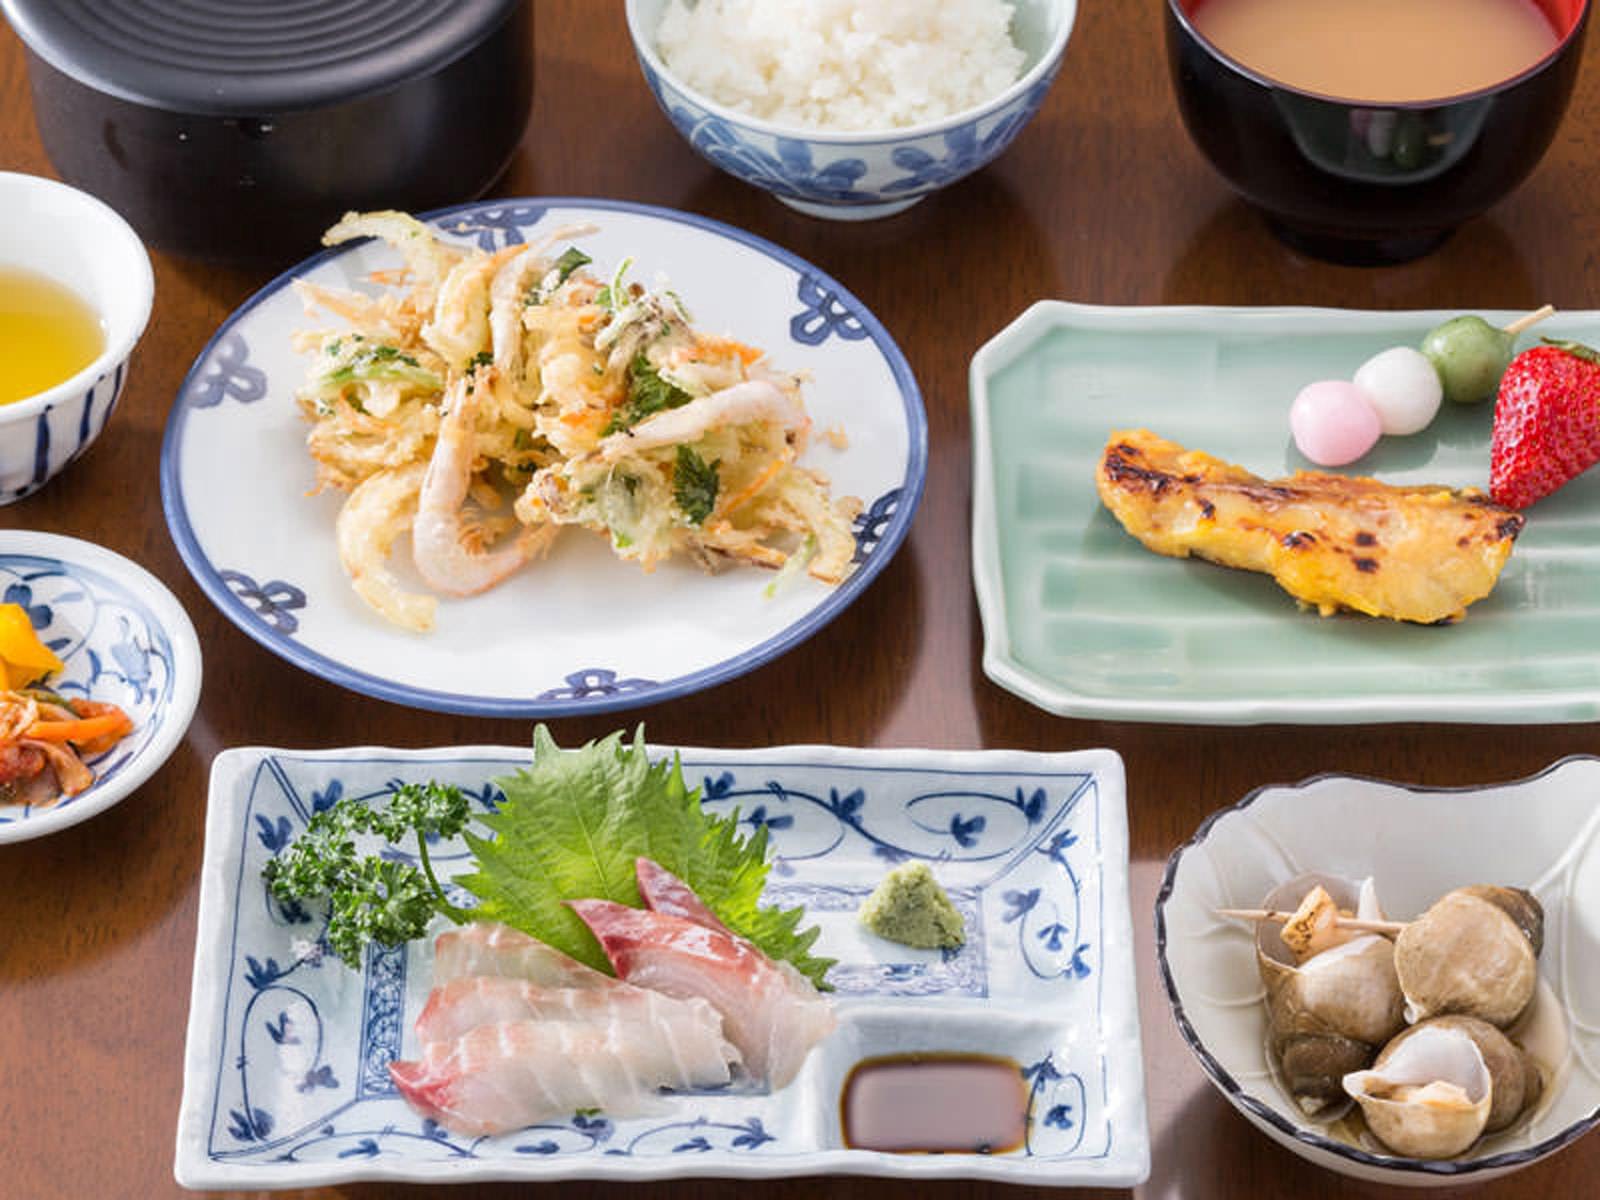 白えびのかき揚、黒鯛の刺身、ばい貝の煮付け、赤魚の西京焼、ご飯、汁物、漬物